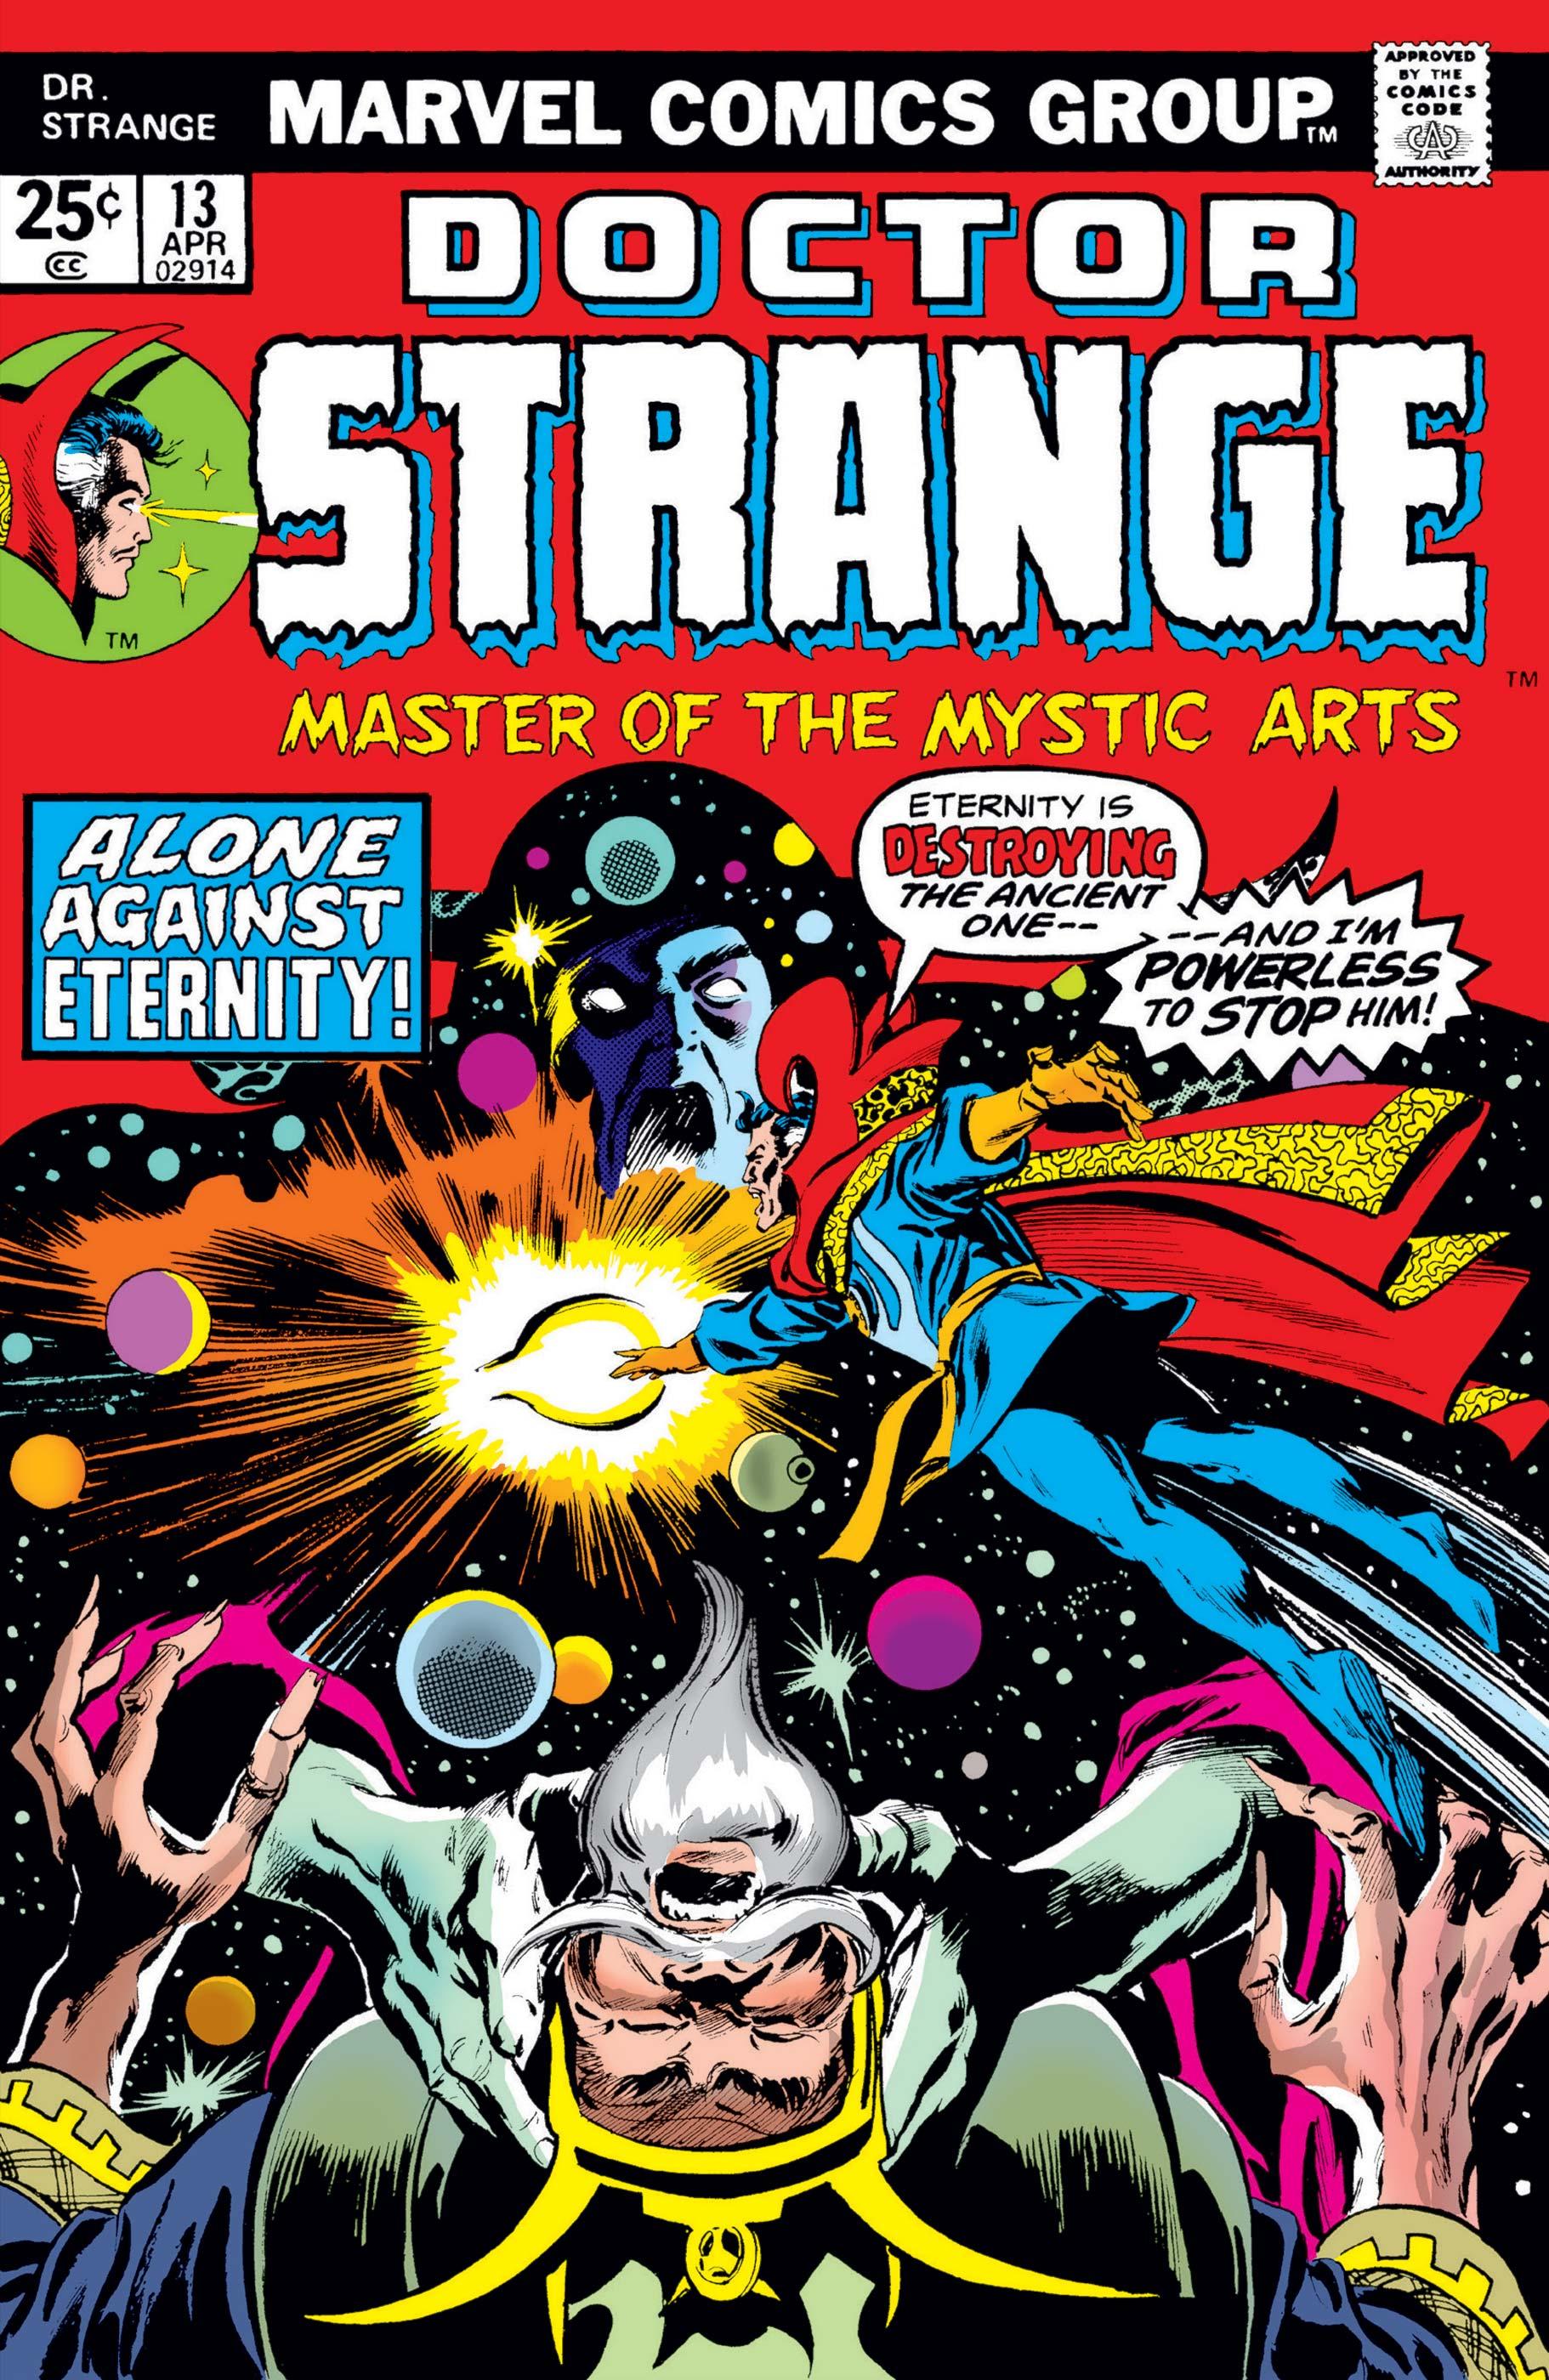 Doctor Strange (1974) #13